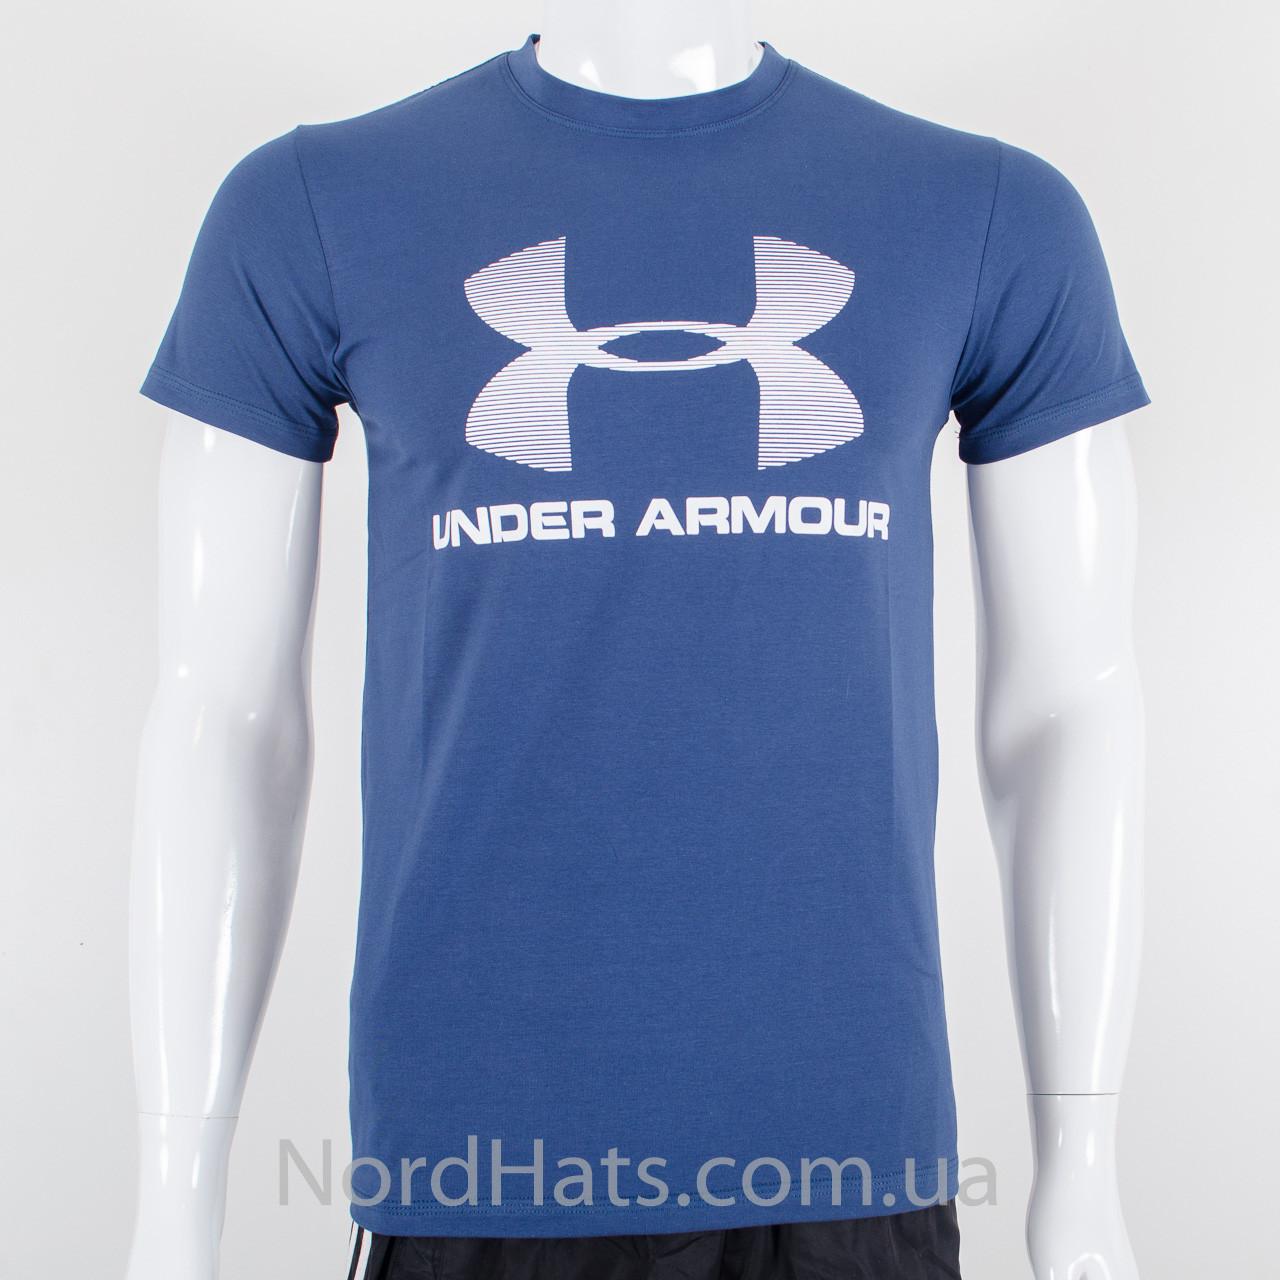 Футболка с логотипом, Under Armour (Синий)